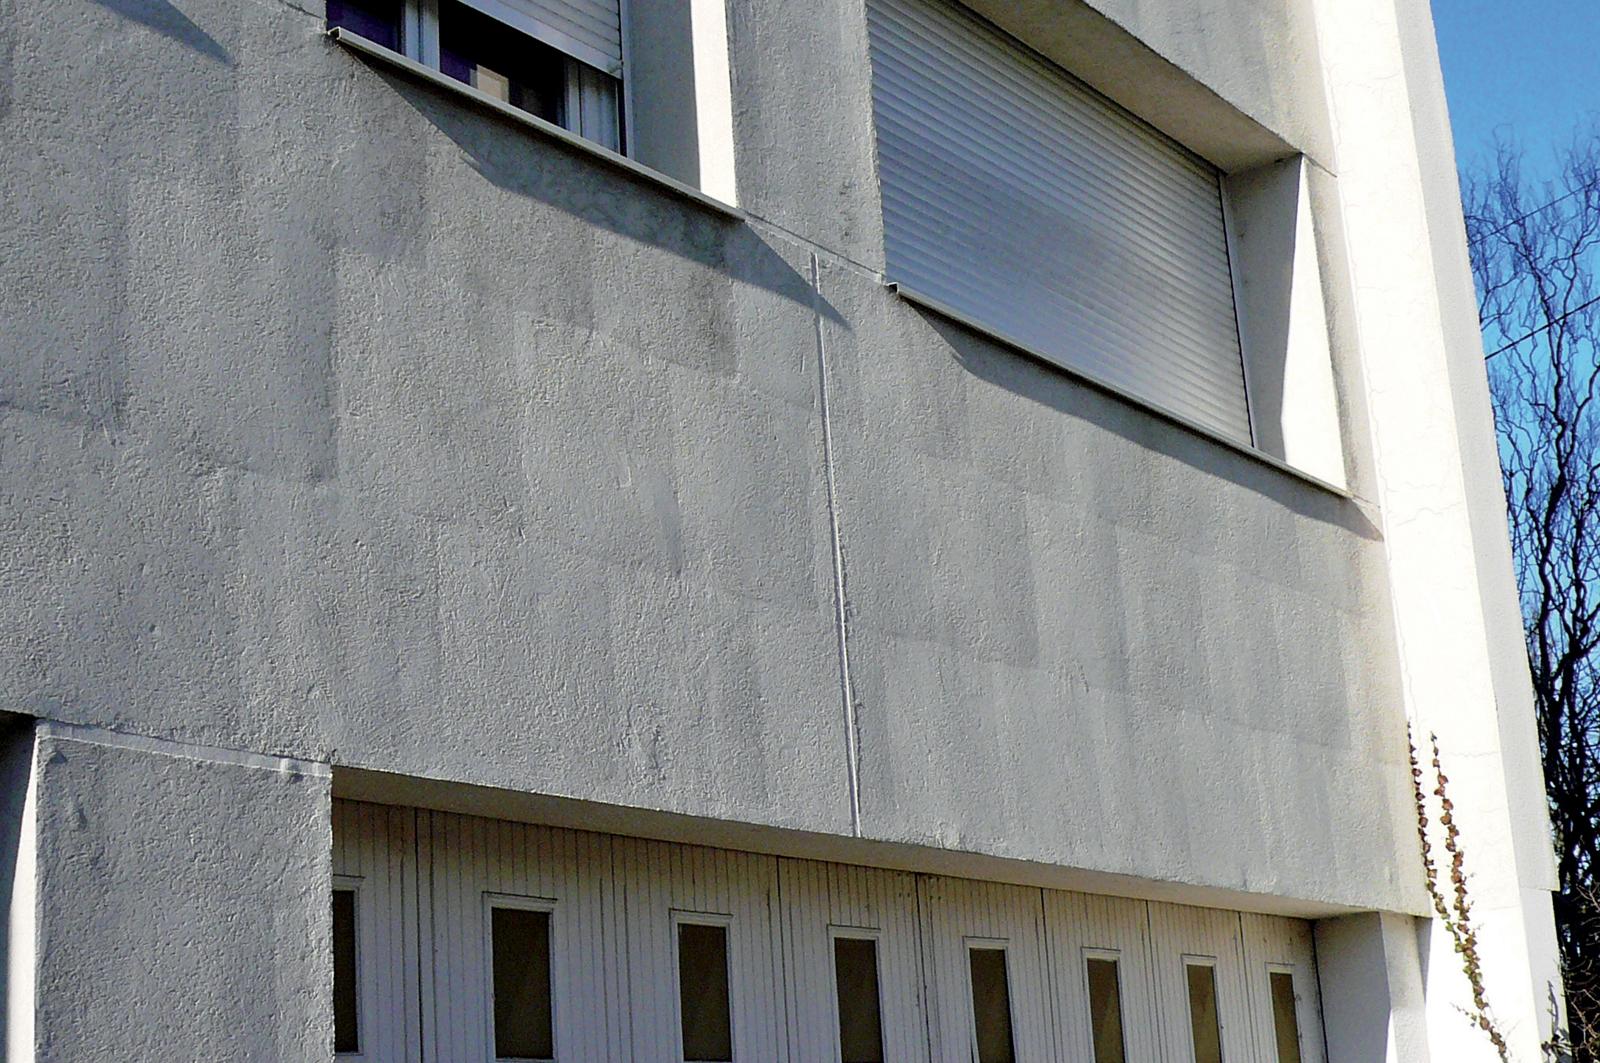 Isolation Mur Exterieur Renovation rénovation de systèmes d'isolation thermique par l'extérieur